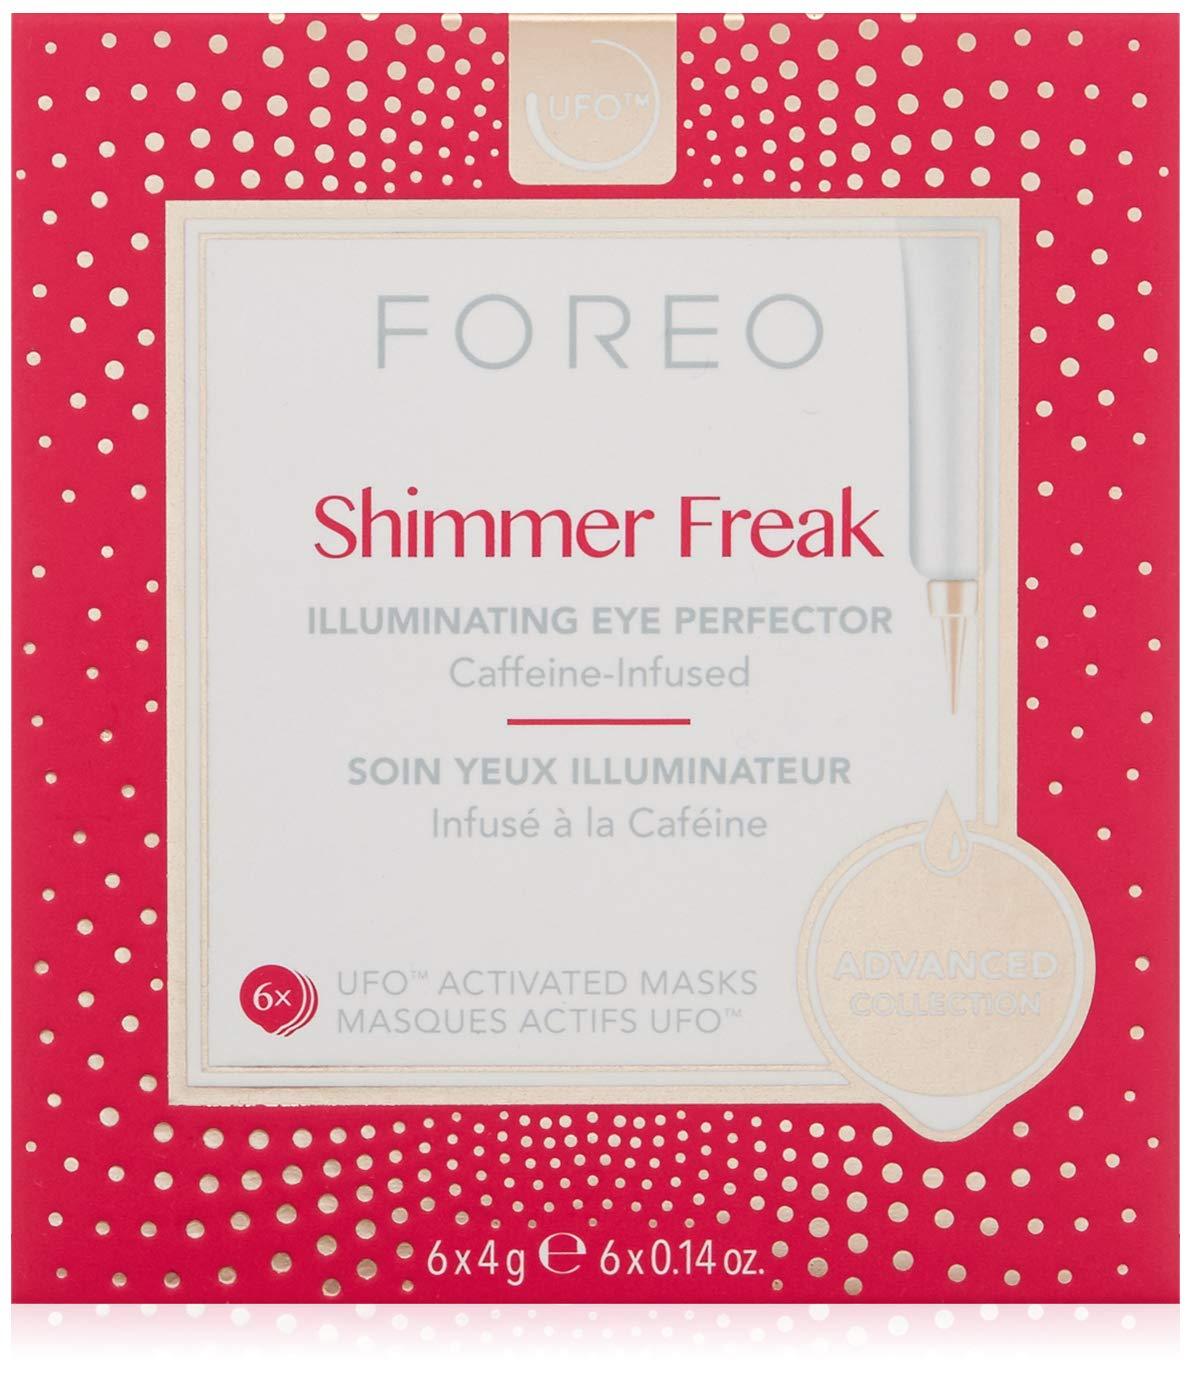 FOREO Shimmer Freak Ufo-Activated Mask, 6 Pack: Amazon.co.uk: Luxury ...